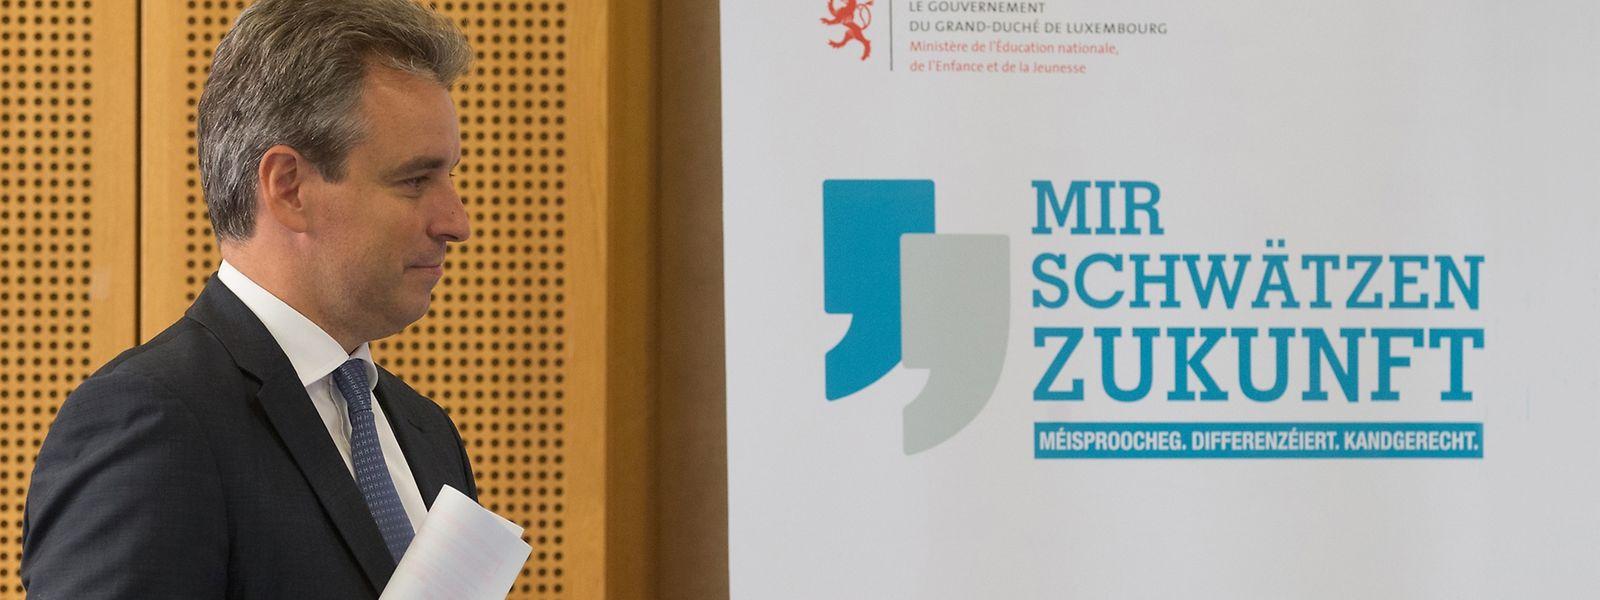 Bei der Rentrée-Pressekonferenz am Montag im hauptstädtischen Jongelycée stellte Claude Meisch seine Bildungspläne vor.